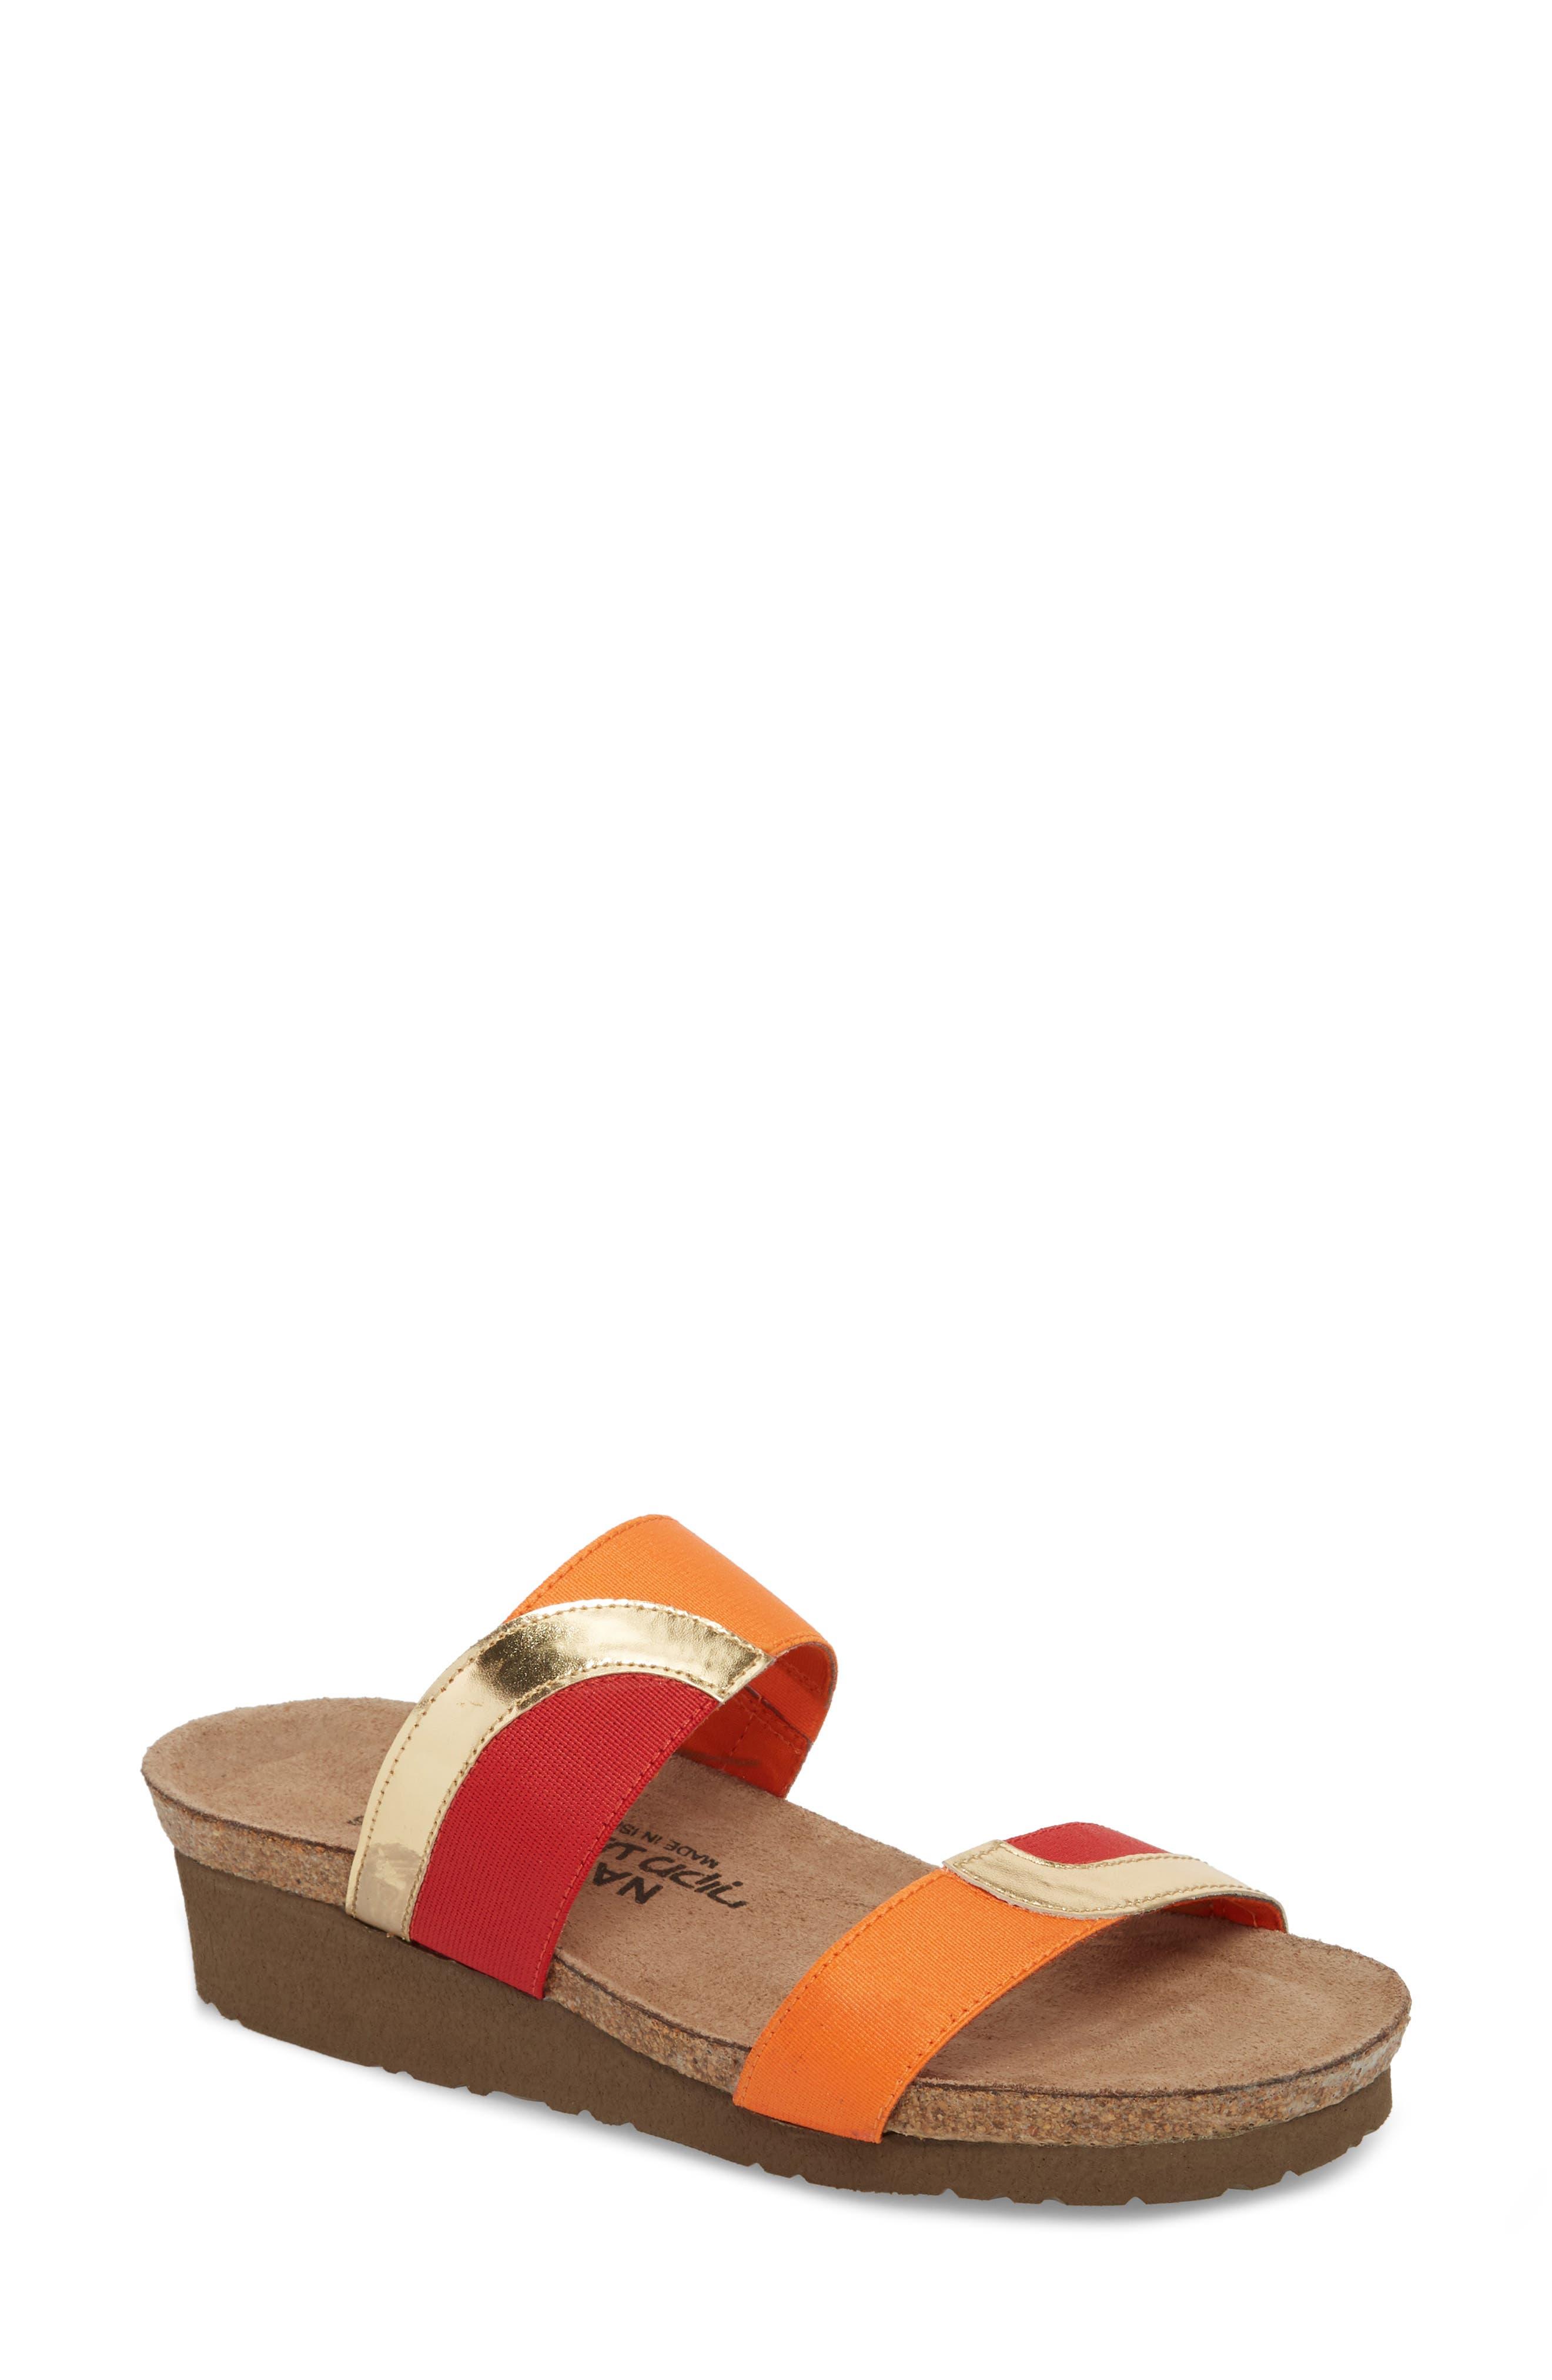 Frankie Slide Sandal,                         Main,                         color, Red/ Orange/ Gold Leather